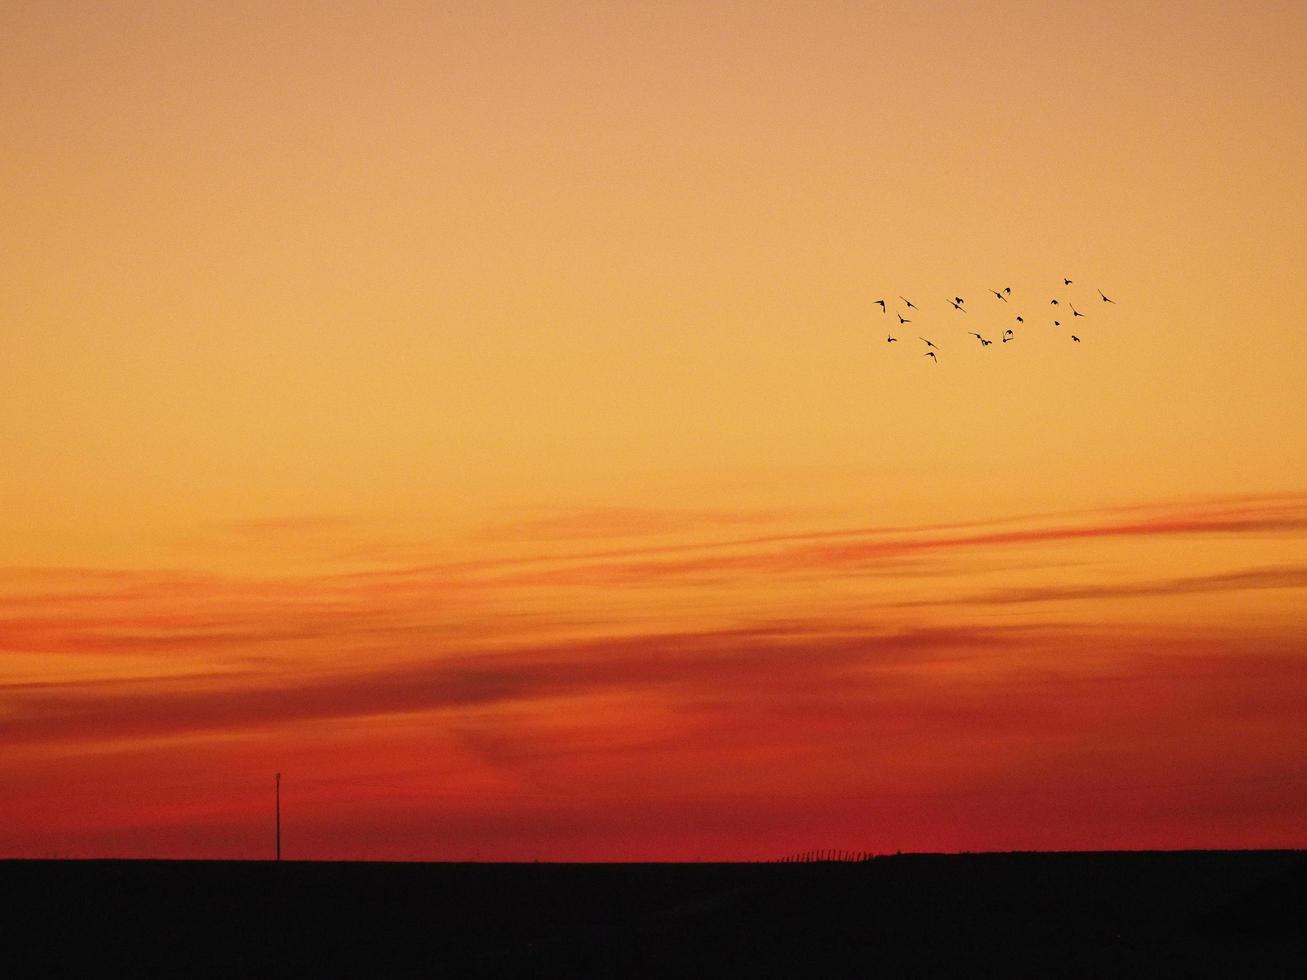 stormo di uccelli al tramonto foto